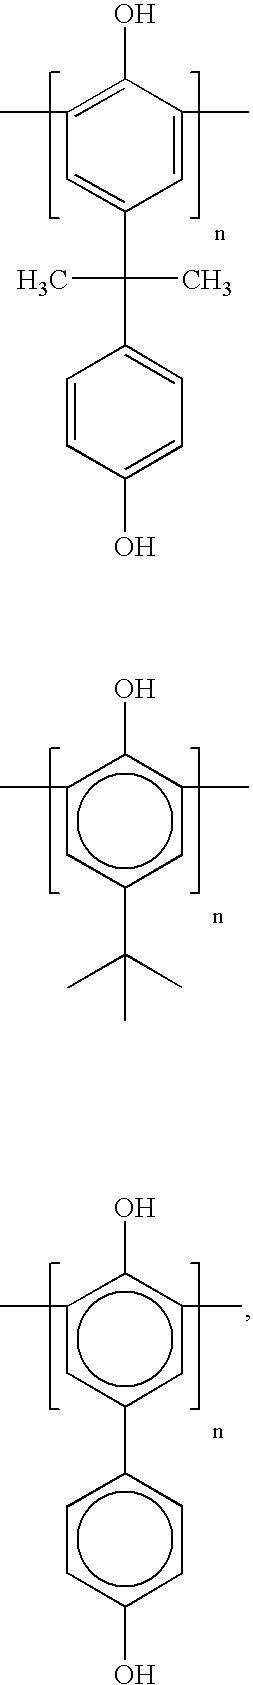 Figure US07070640-20060704-C00001